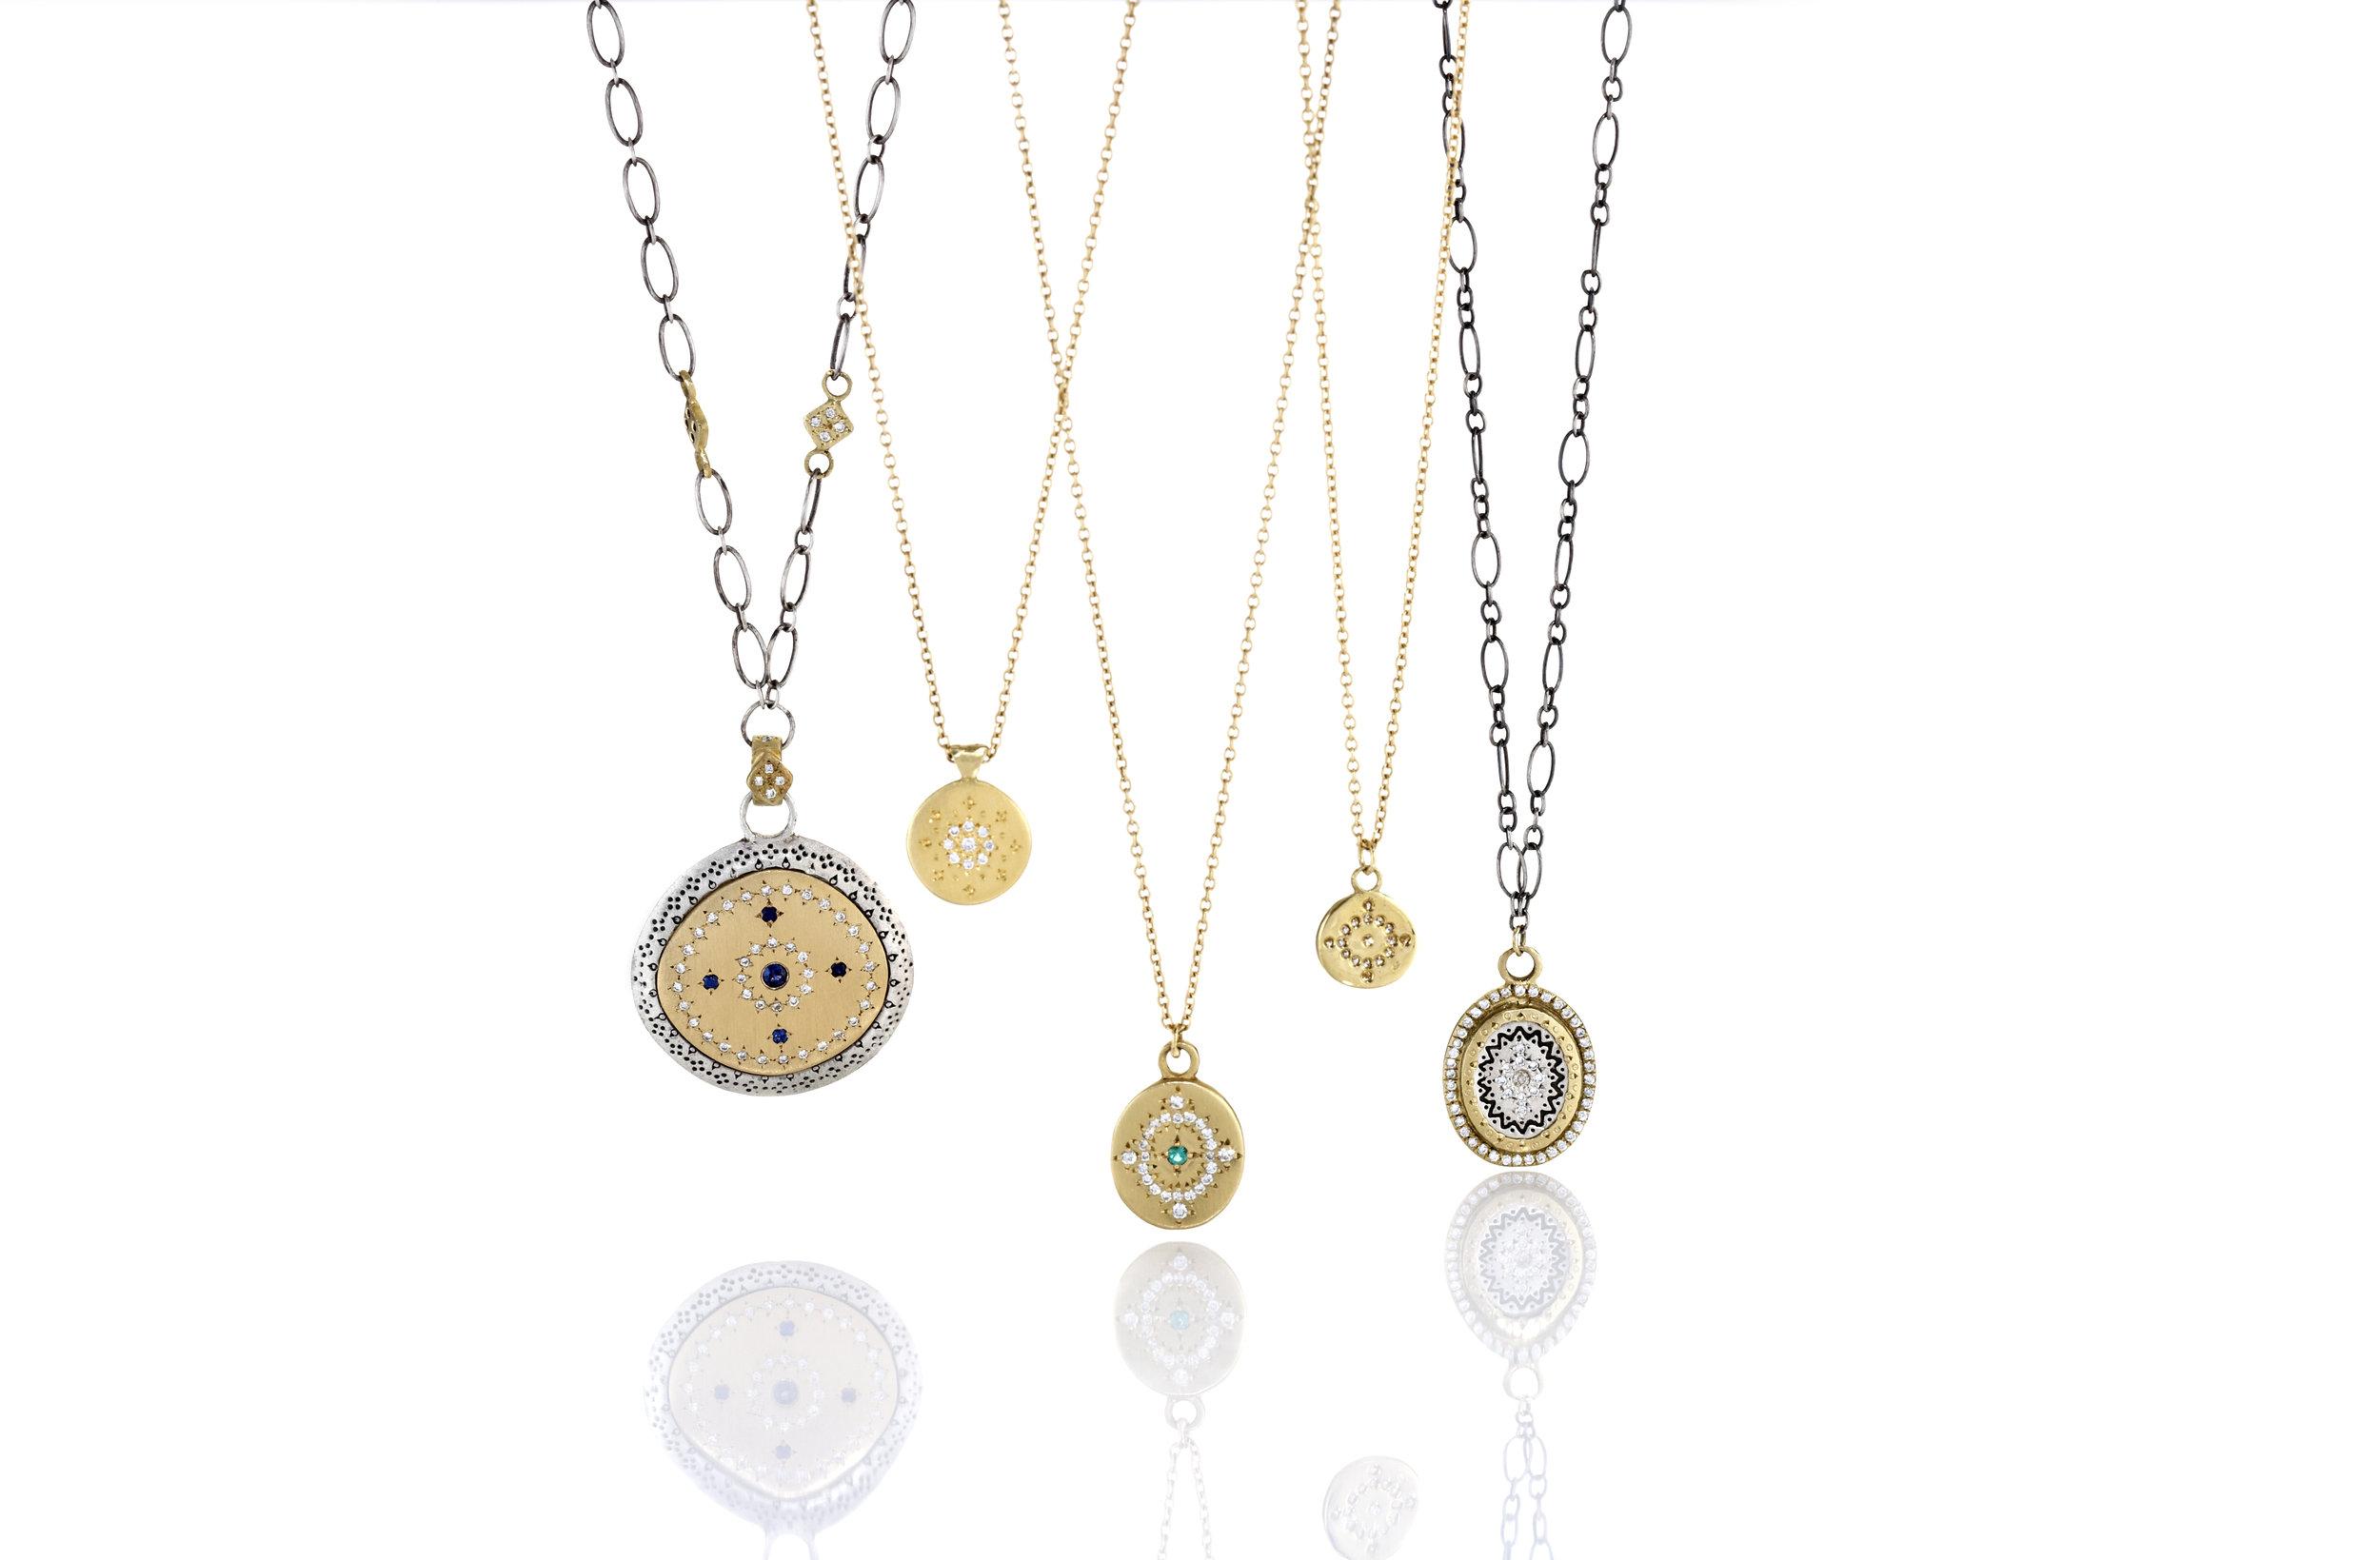 Jewelry_5_Adele Chefridi Necklaces.jpg